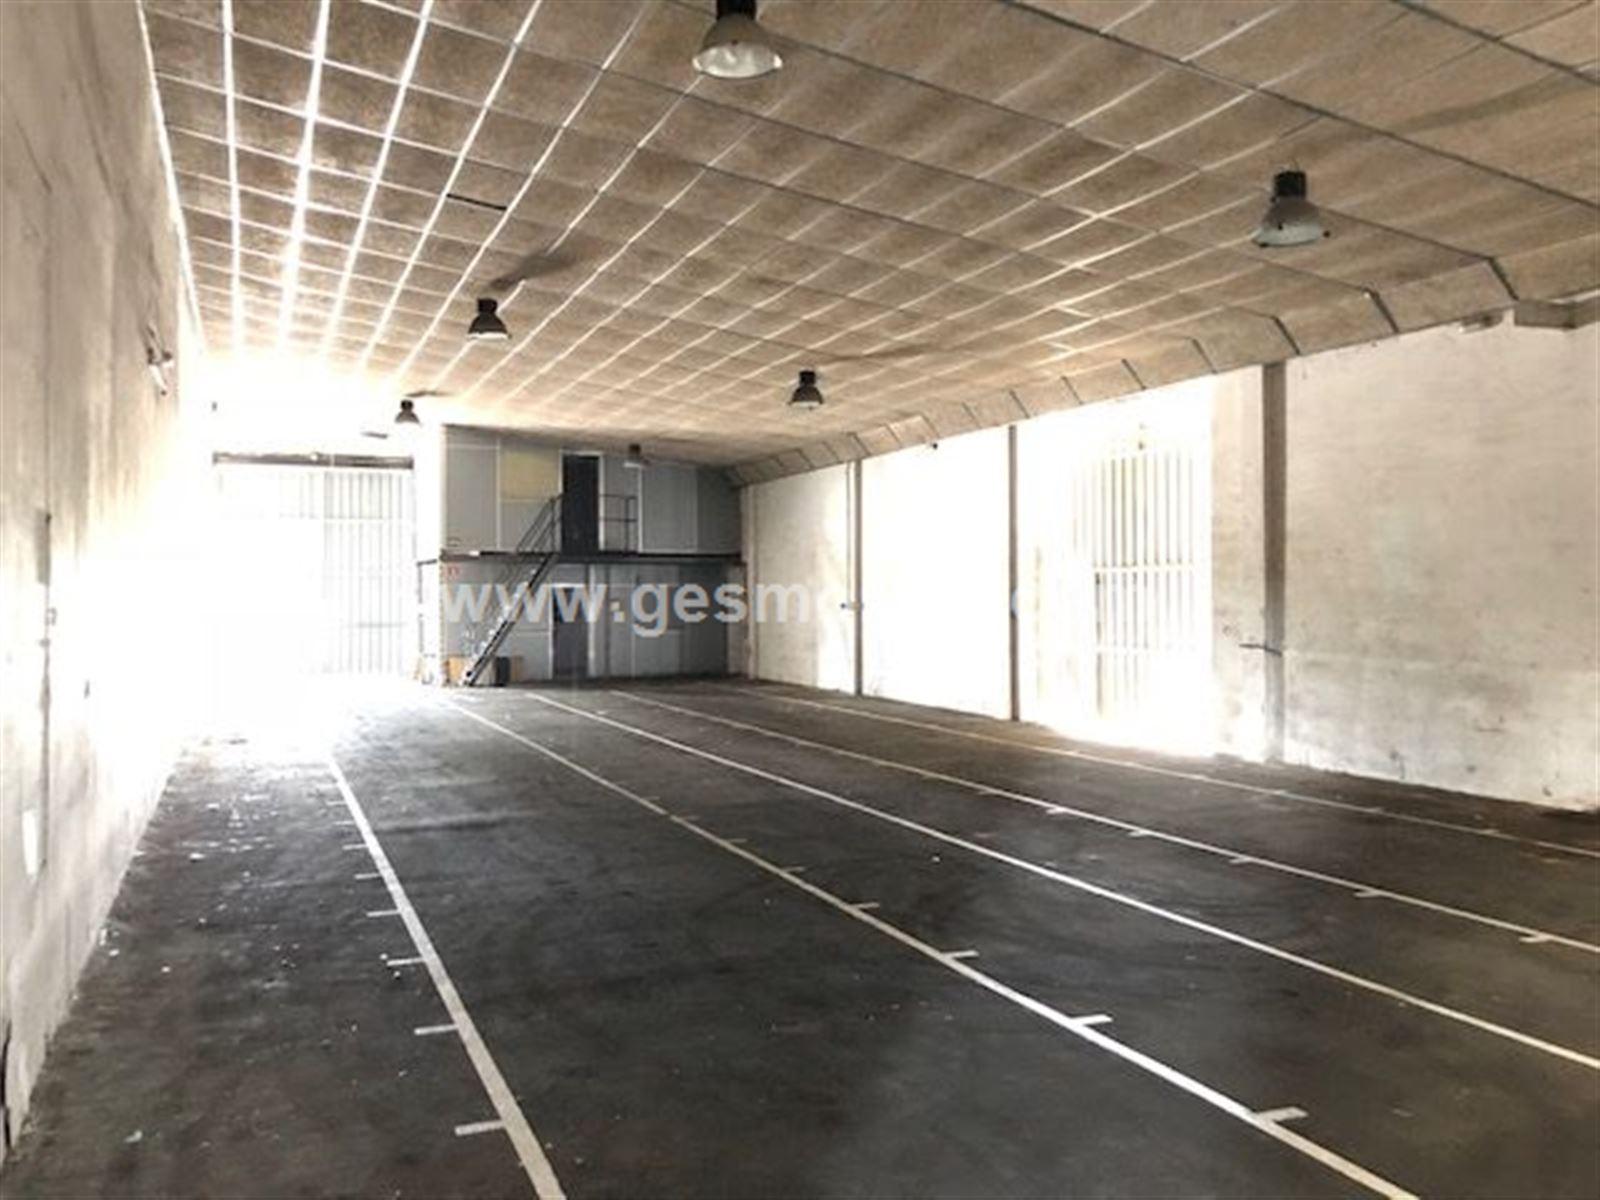 Alquiler Nave industrial  Palma de mallorca - sant jordi. Nave agrícola de 701 m2 en alquiler situada en san jordi